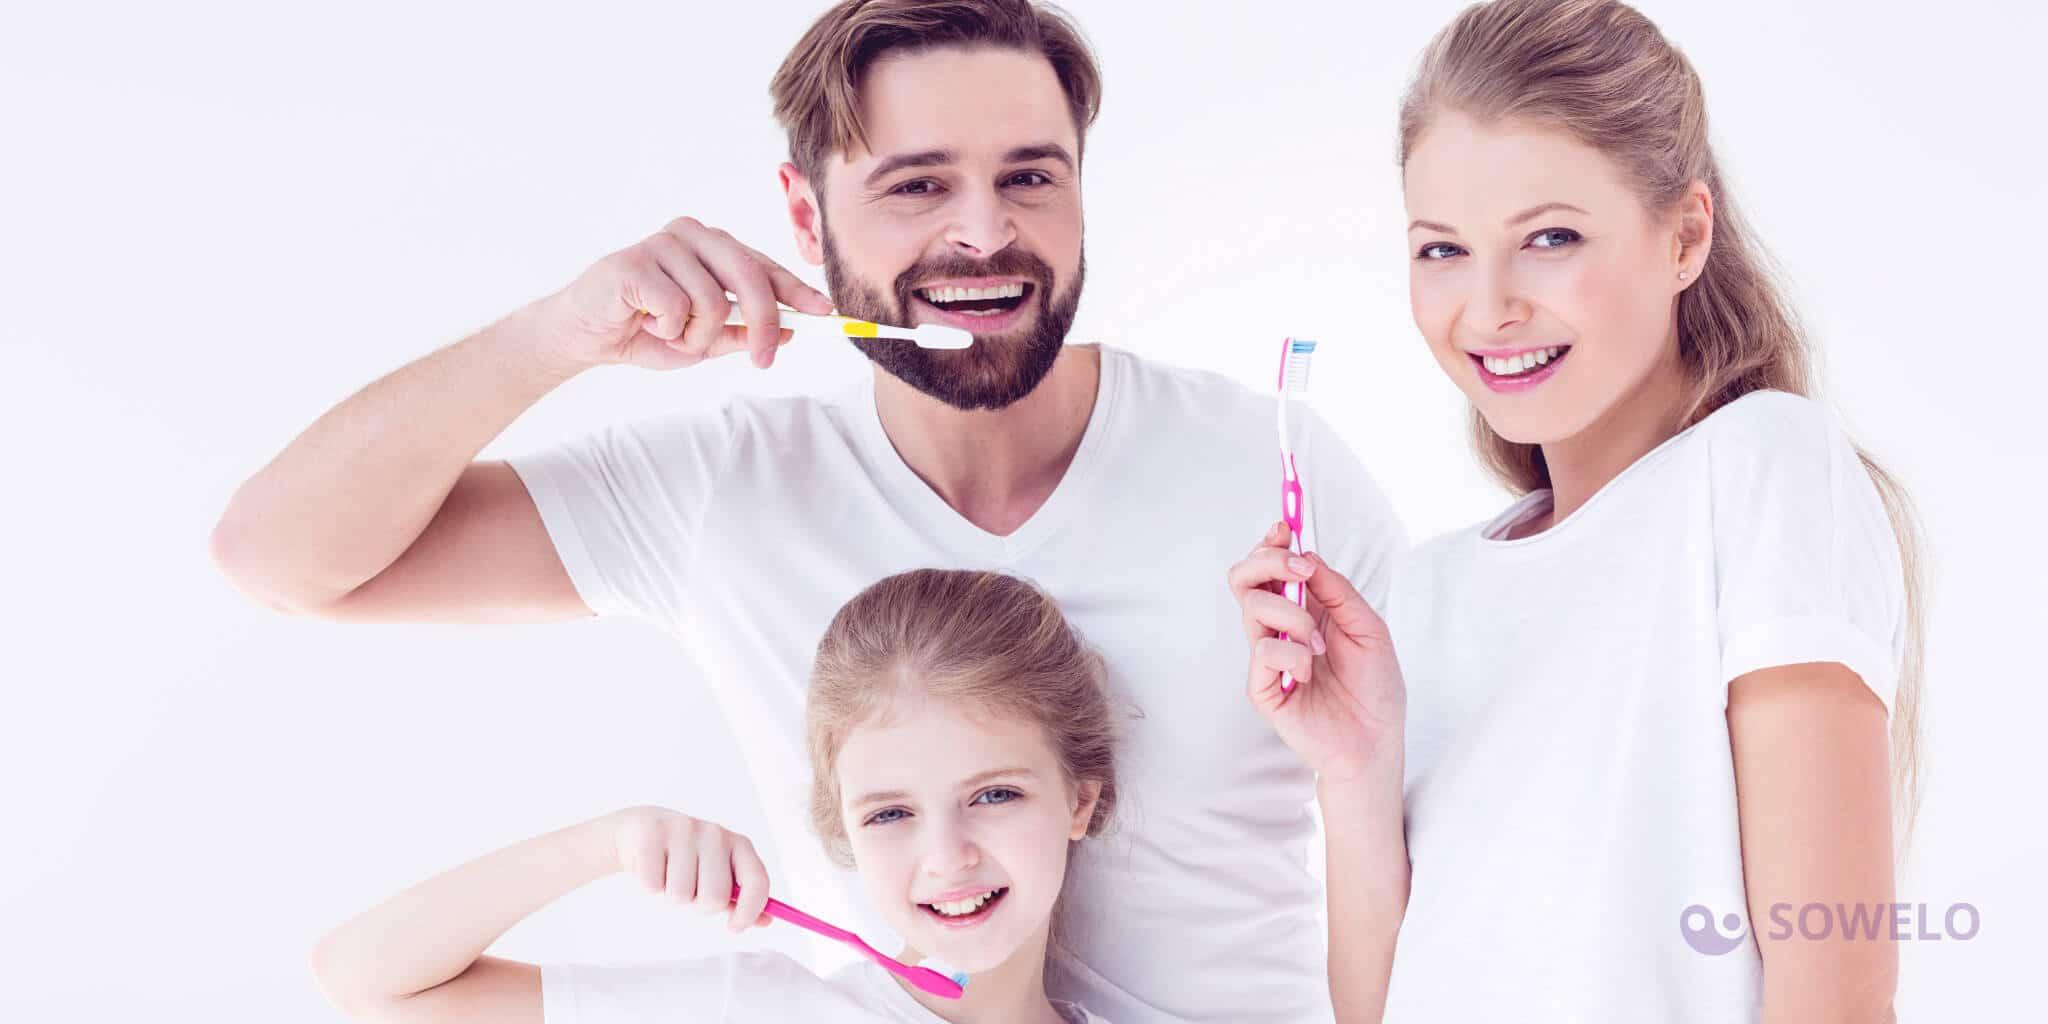 Pravilno ščetkanje zob